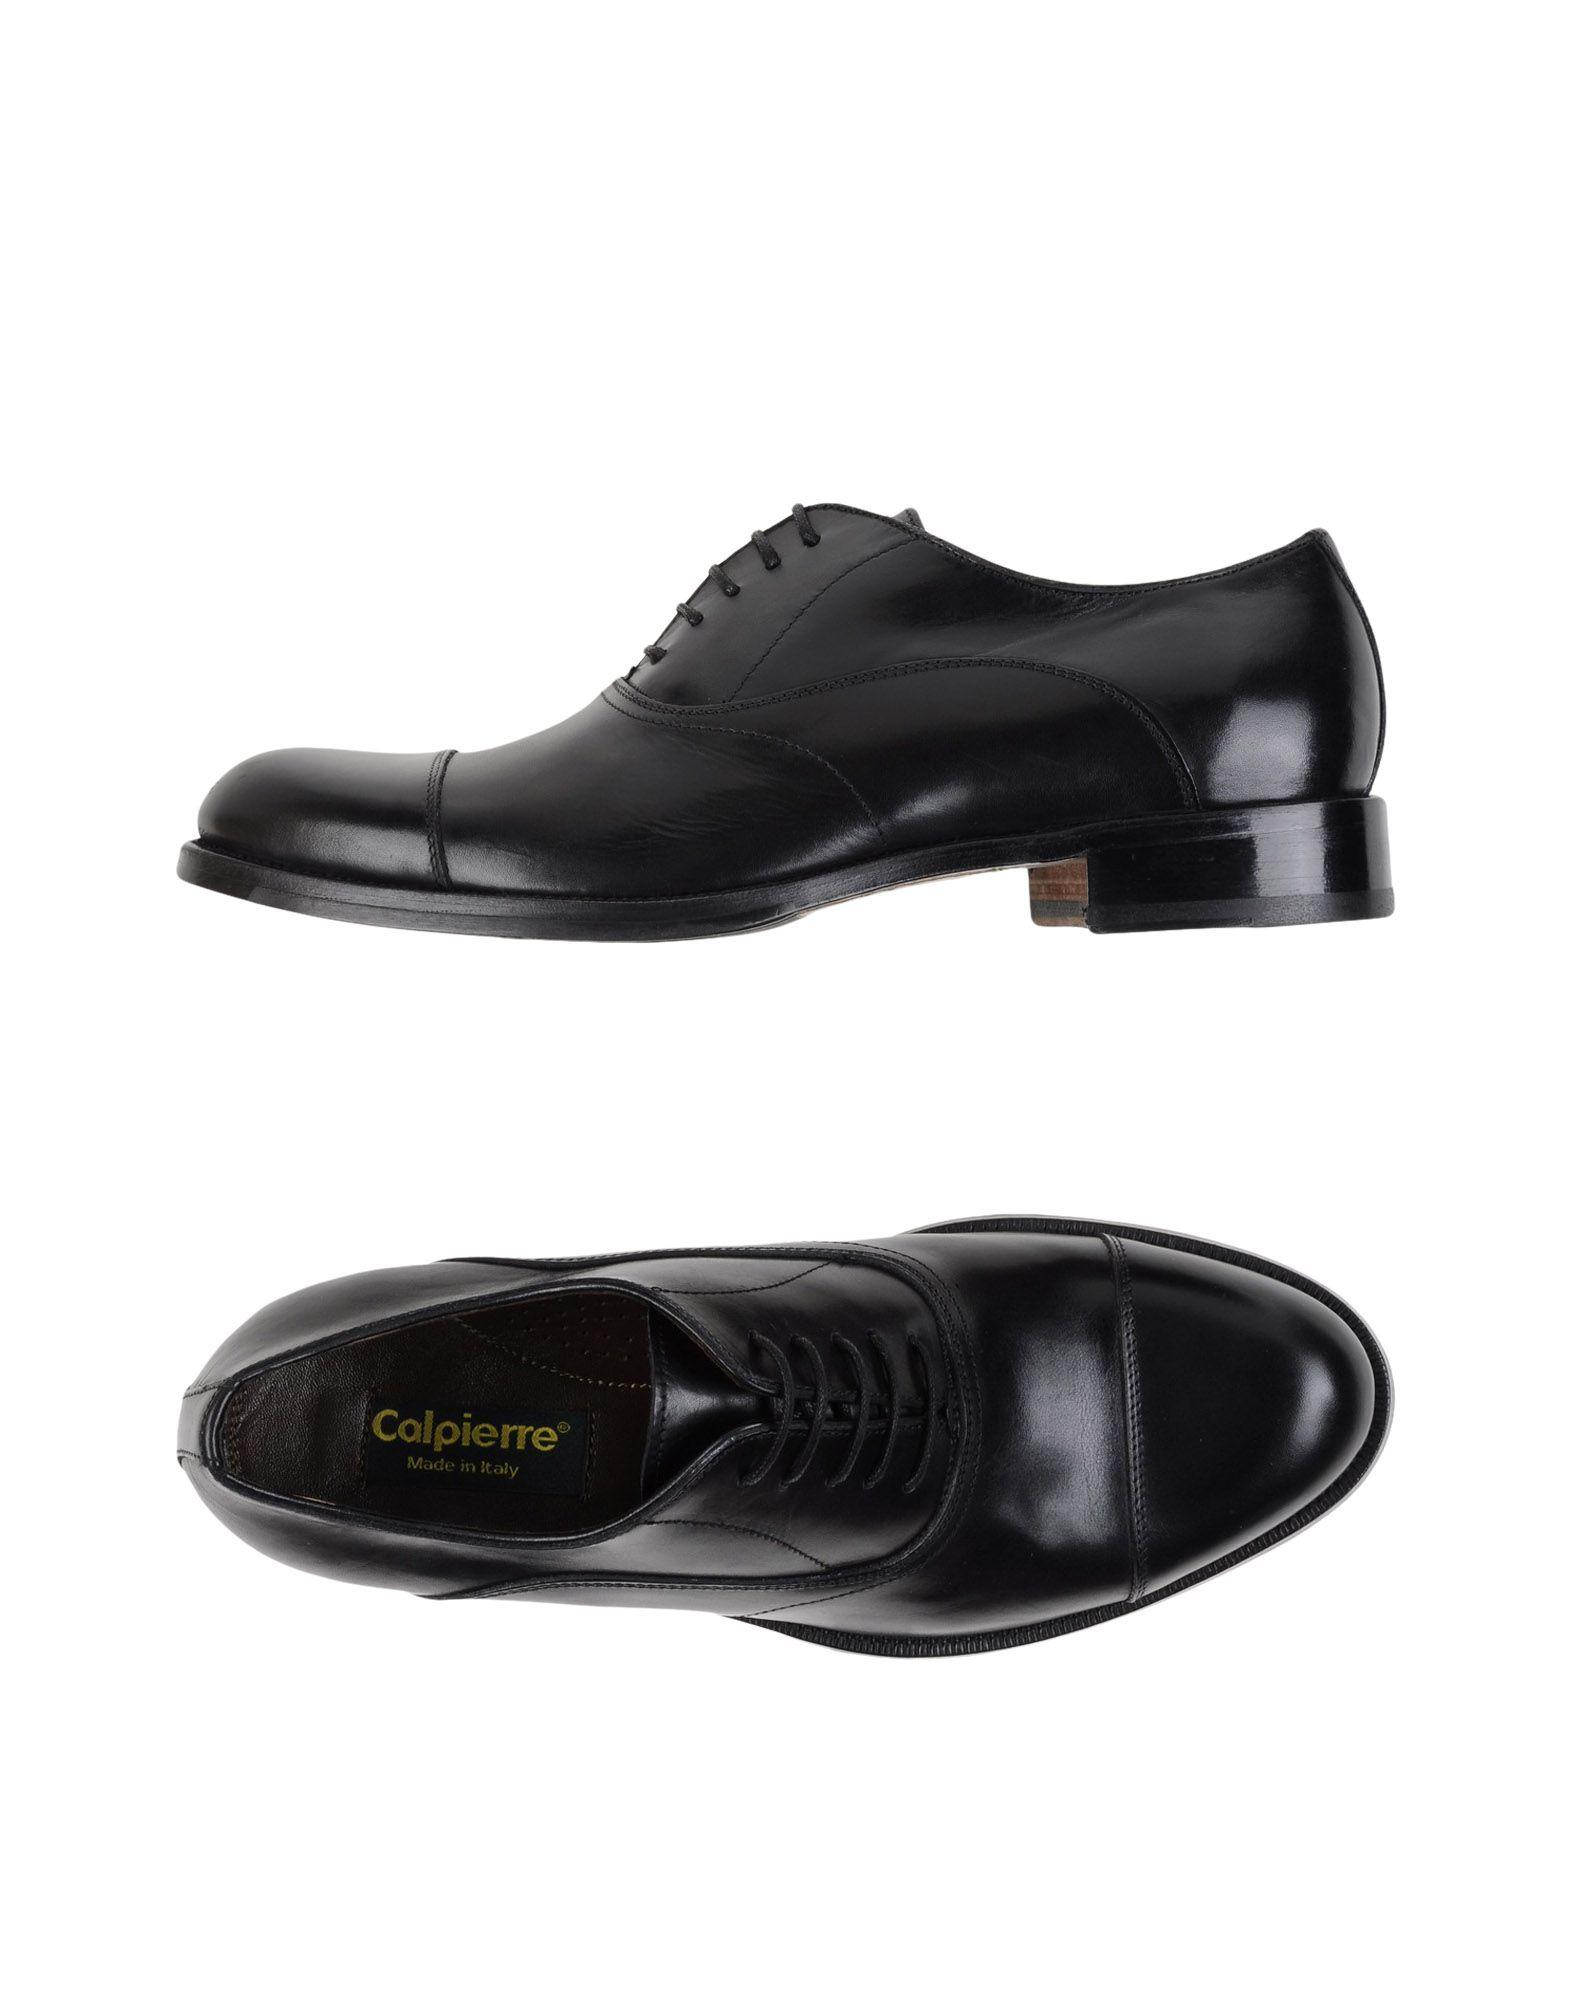 Calpierre Schnürschuhe Herren  11096382GF Gute Qualität beliebte Schuhe